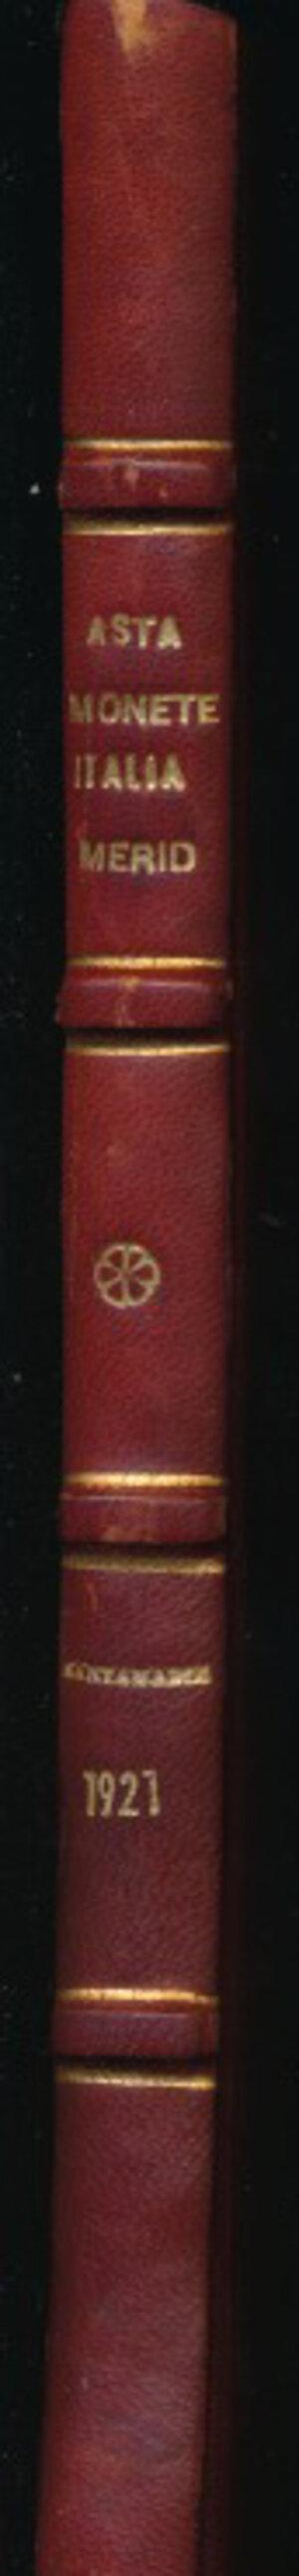 obverse: SANTAMARIA P.&P. - Asta 24 novembre 1921 Roma. Raccolta di monete dell Italia Meridionale dal VII al XIX secolo, Pp. 73 + 18 tavole in b/n. Rilegatura rigida con dorso e angoli in pelle e piatto marmoreo. Buono stato.